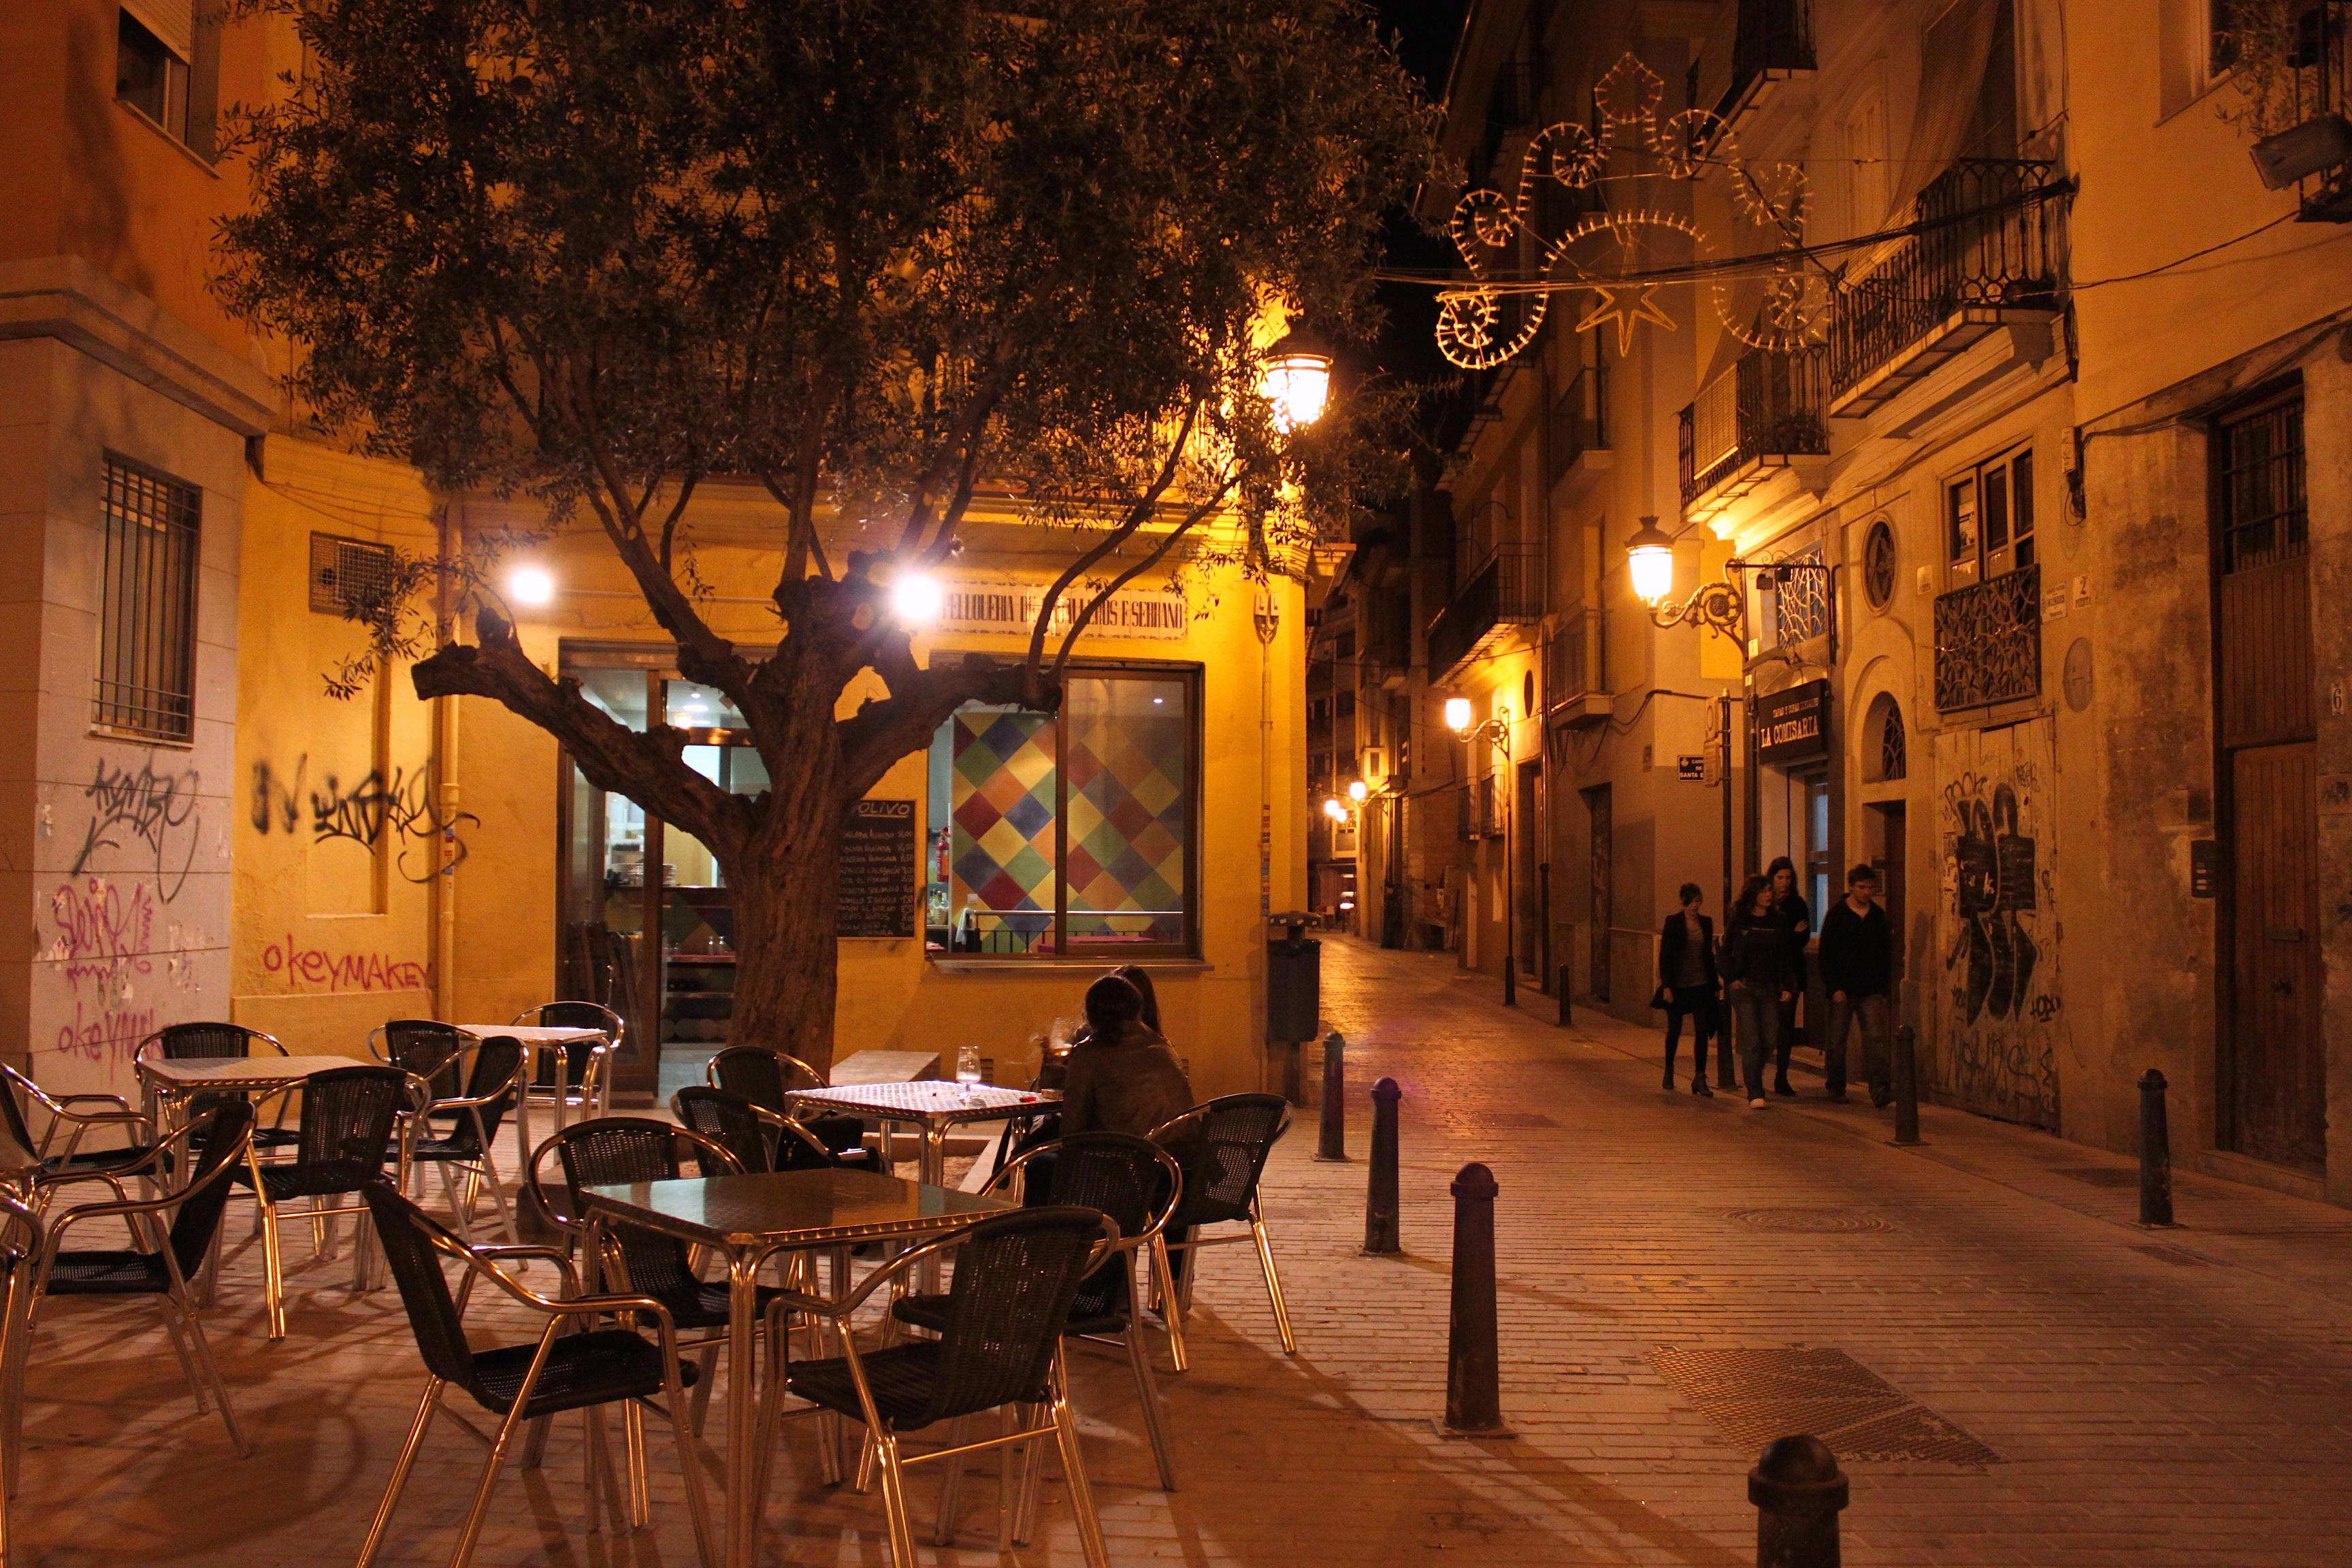 Chiacchiere nelle calde serate spagnole